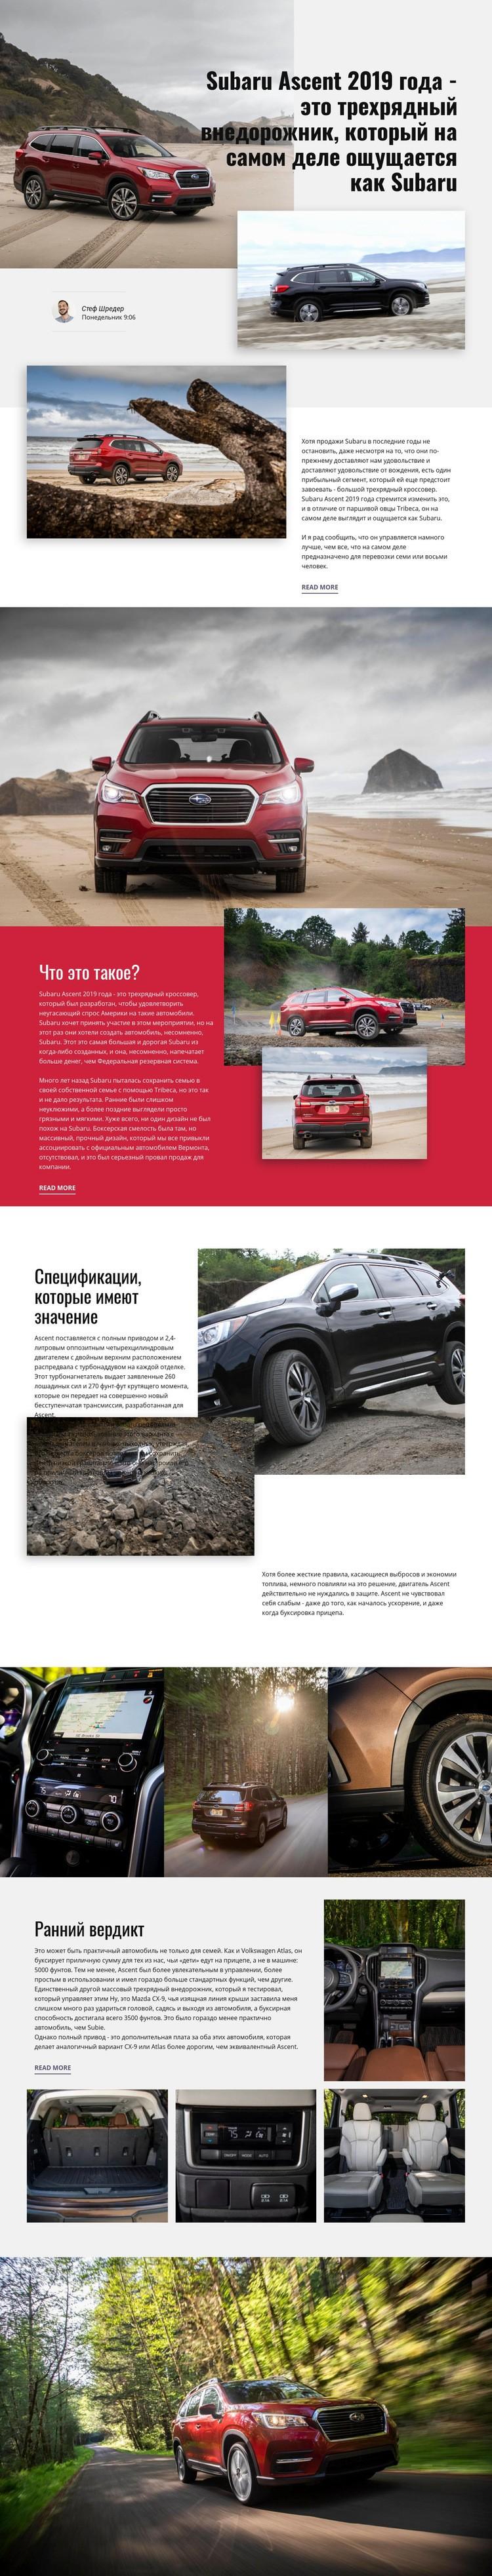 Subaru Шаблон веб-сайта